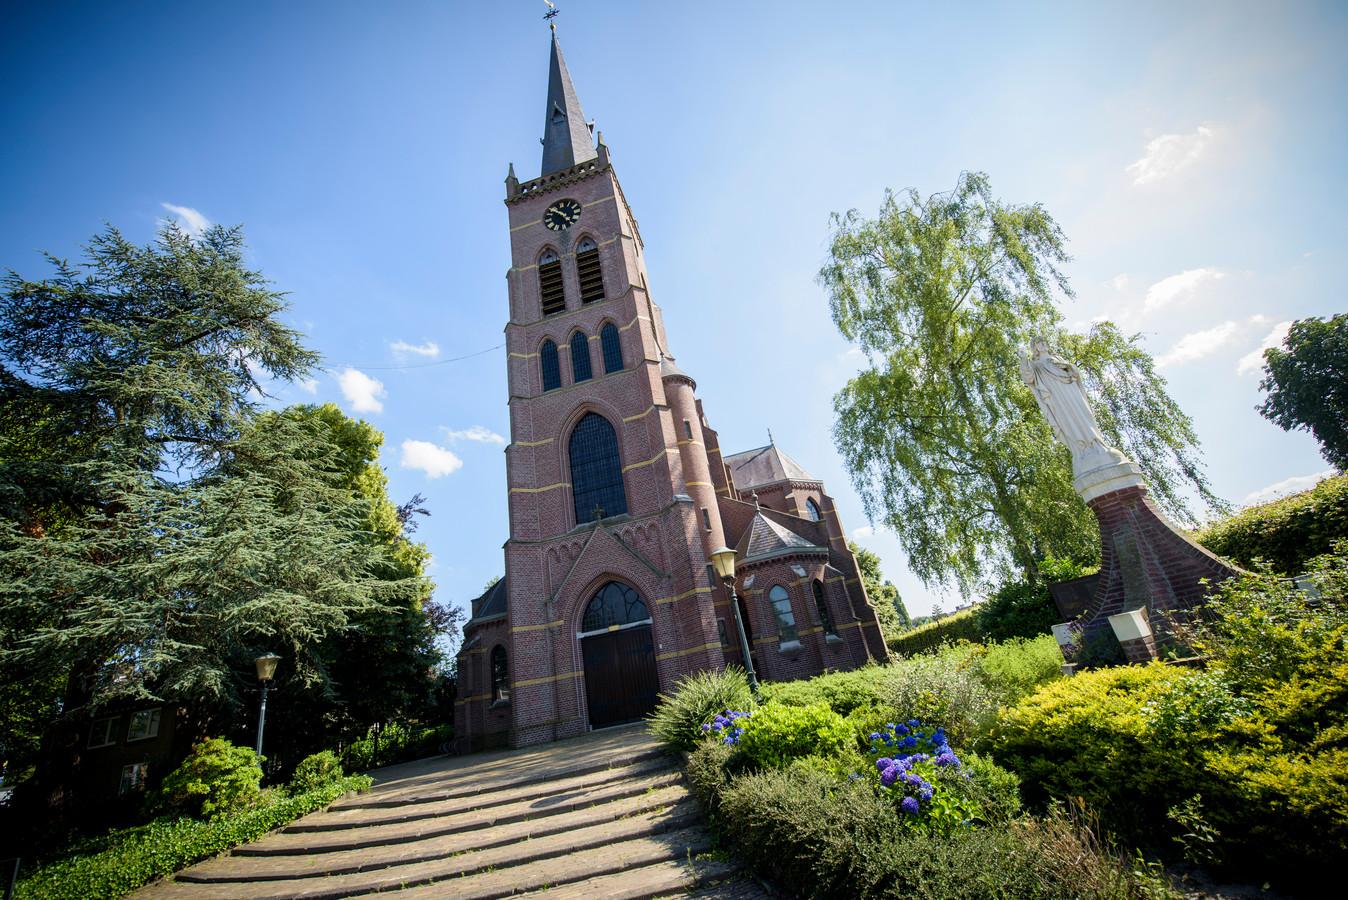 De kerk in Oerle.